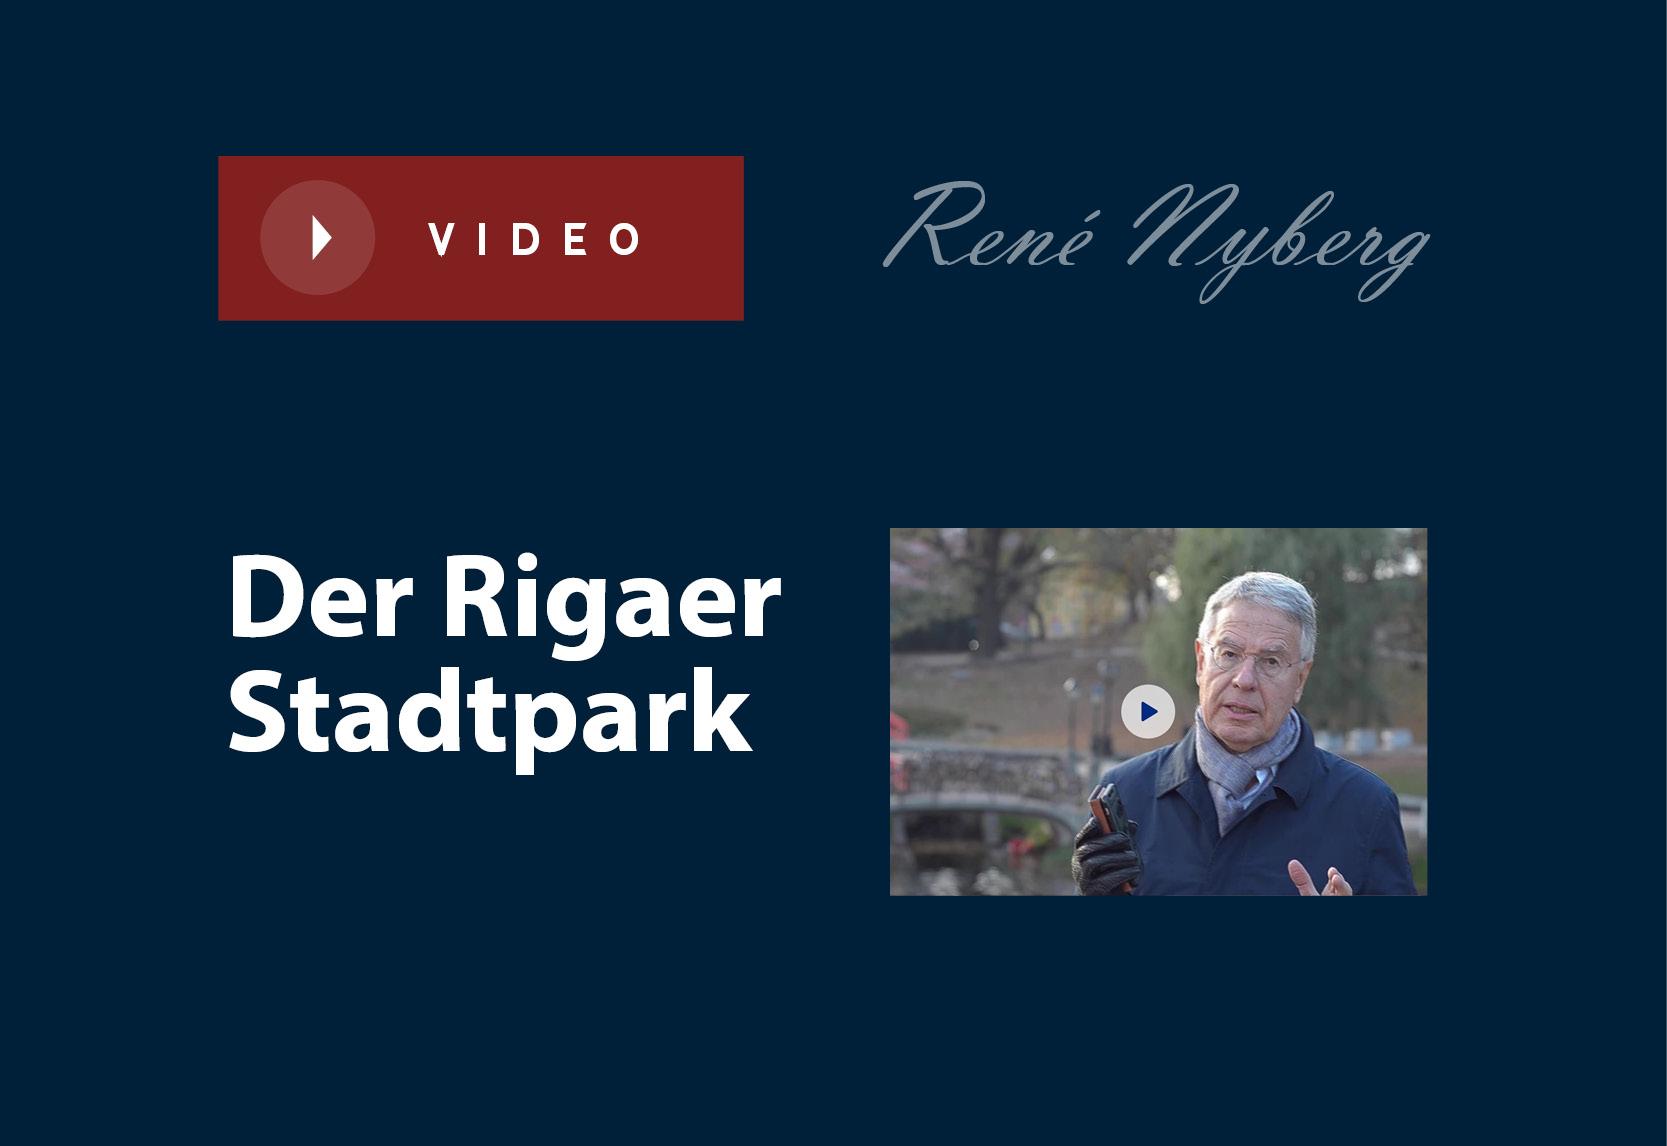 Der Rigaer Stadtpark